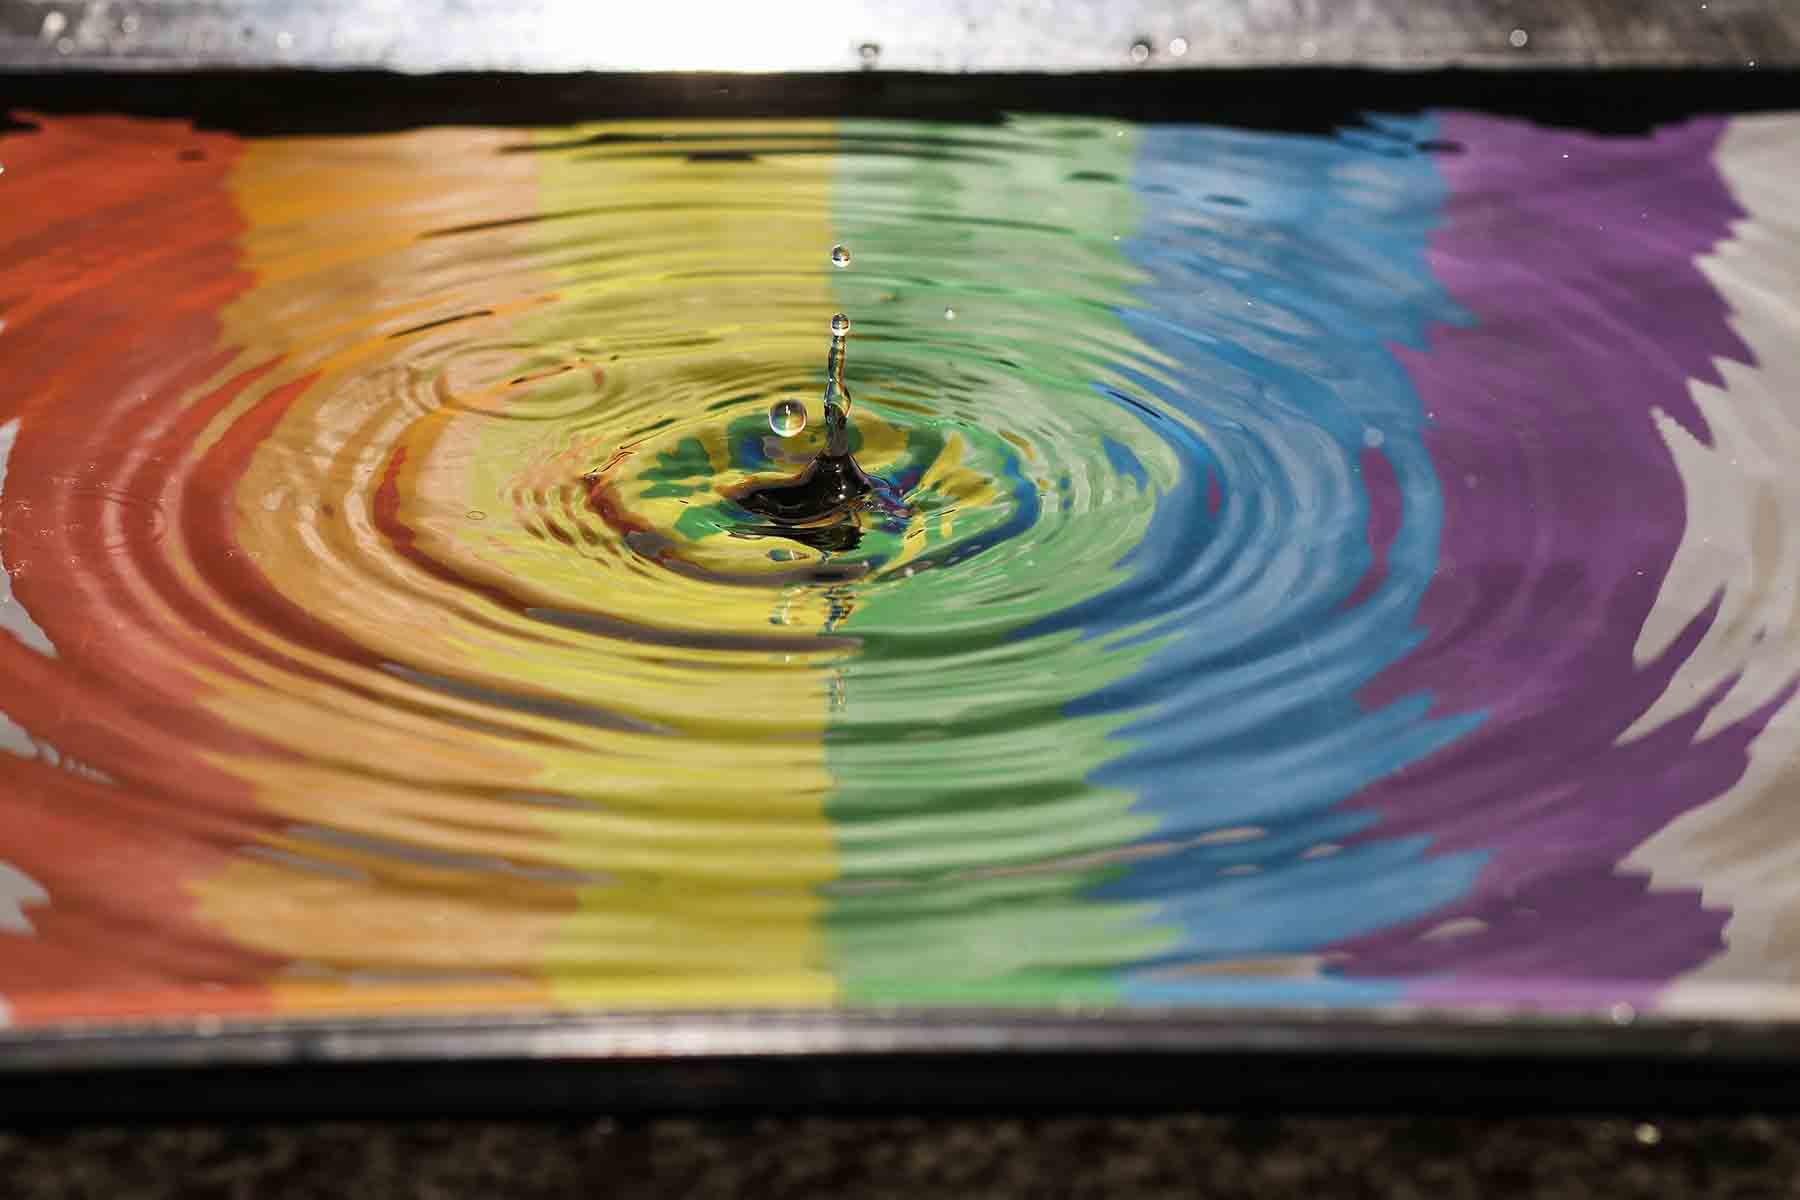 Regenbogenfarben reflektiert auf einer Wasserpfütze